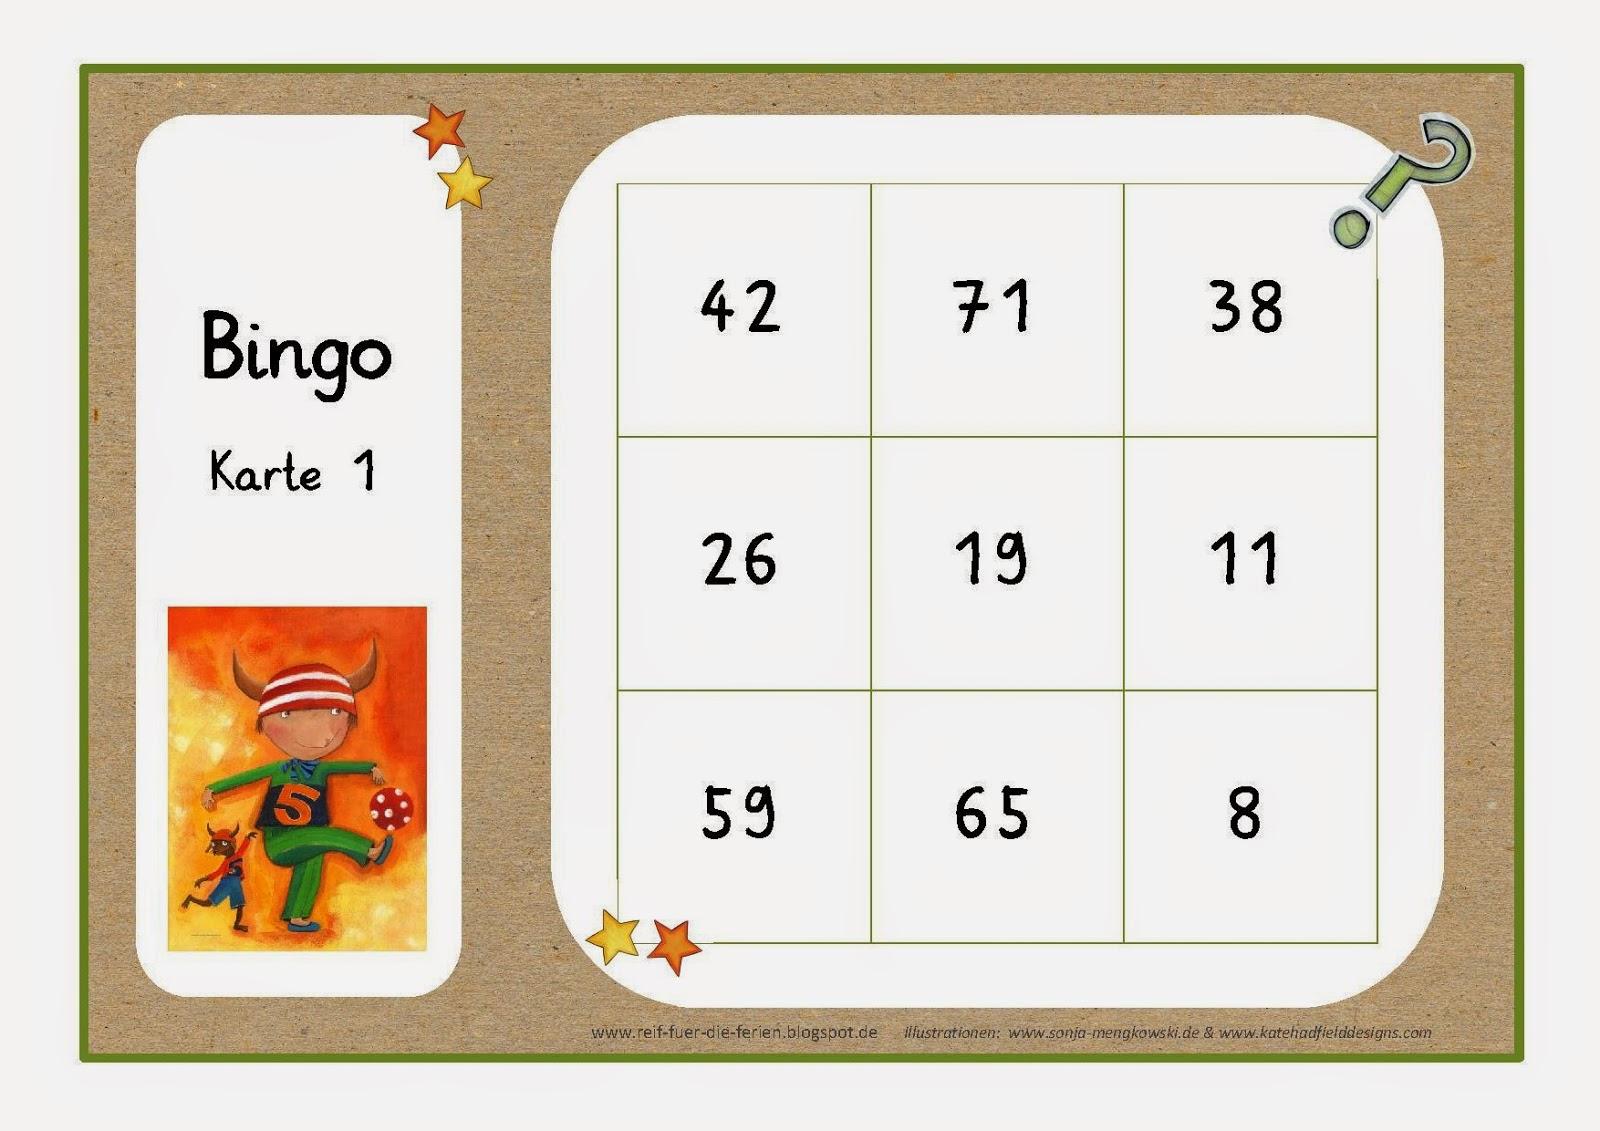 reif f r die ferien mathe bingo im zahlenraum bis 100 ohne zehner berschreitung. Black Bedroom Furniture Sets. Home Design Ideas